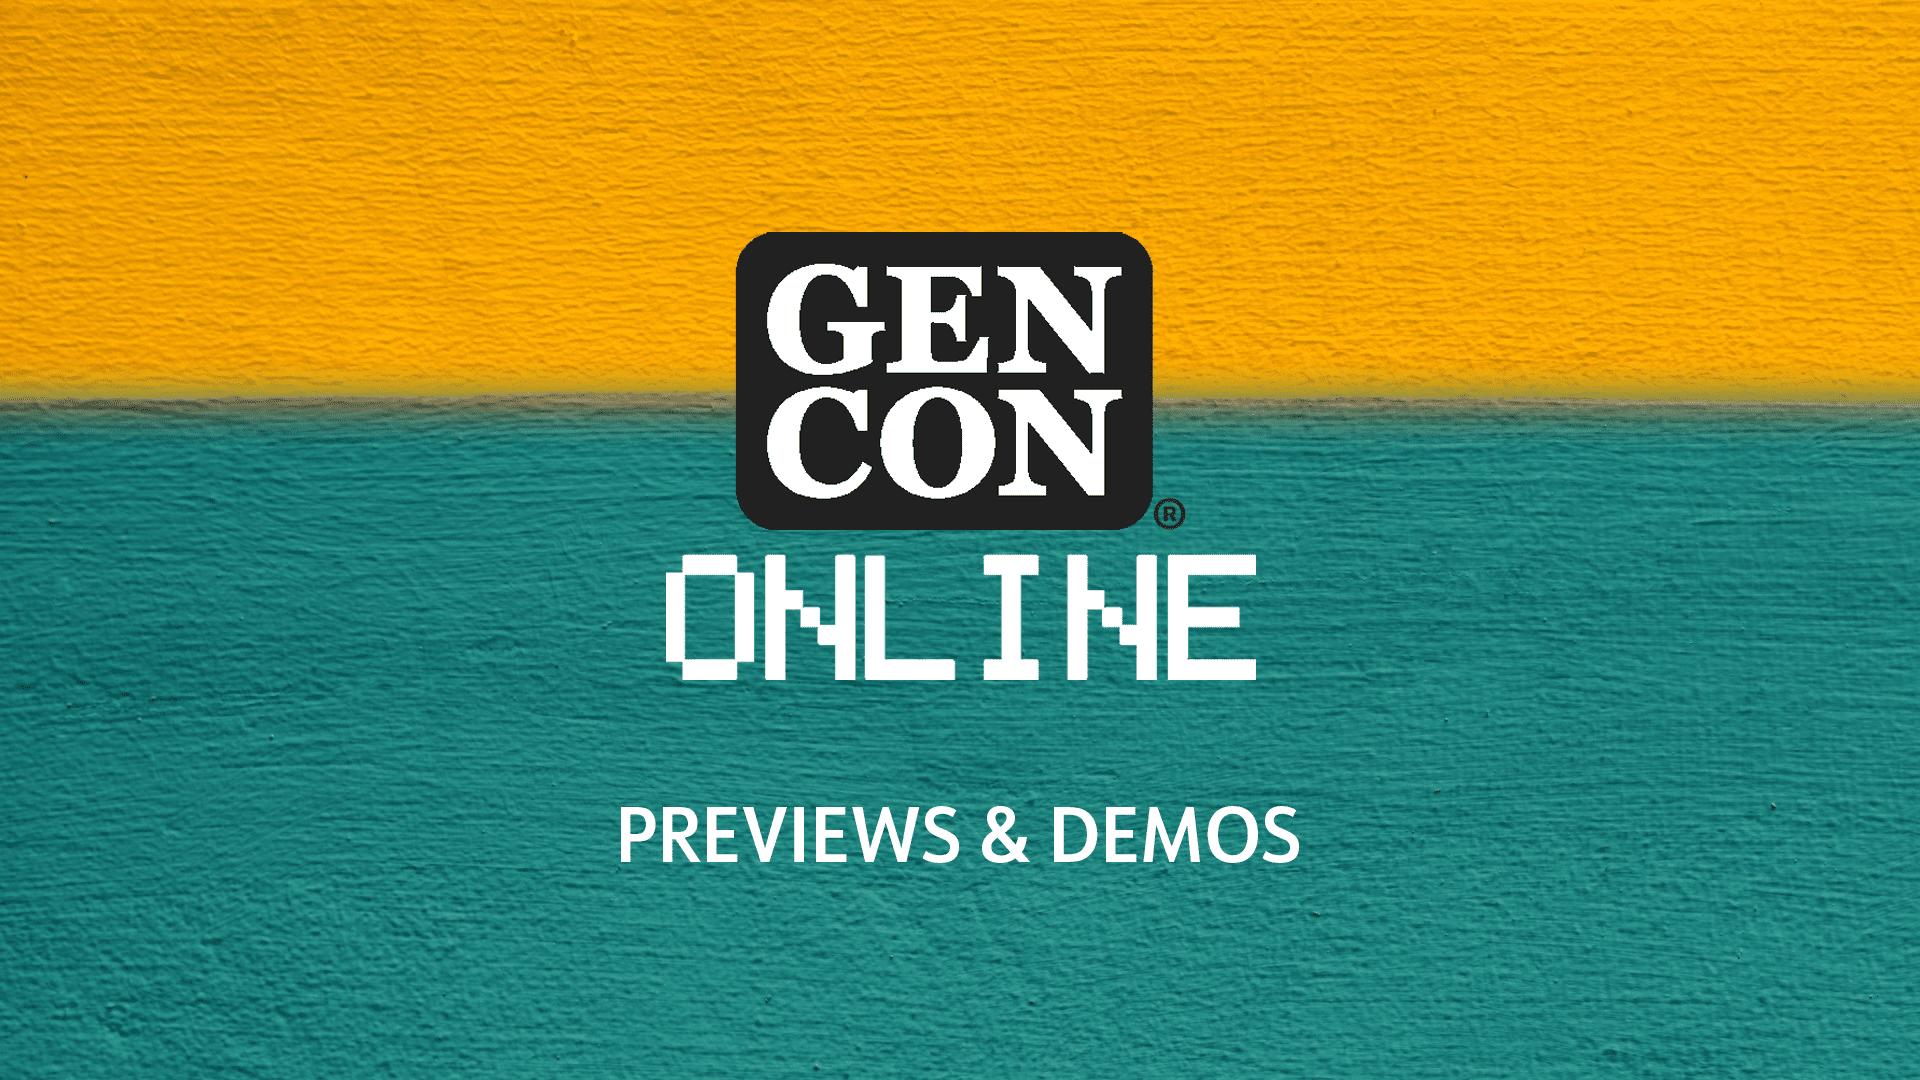 Gen Con 2020 Previews and Demos